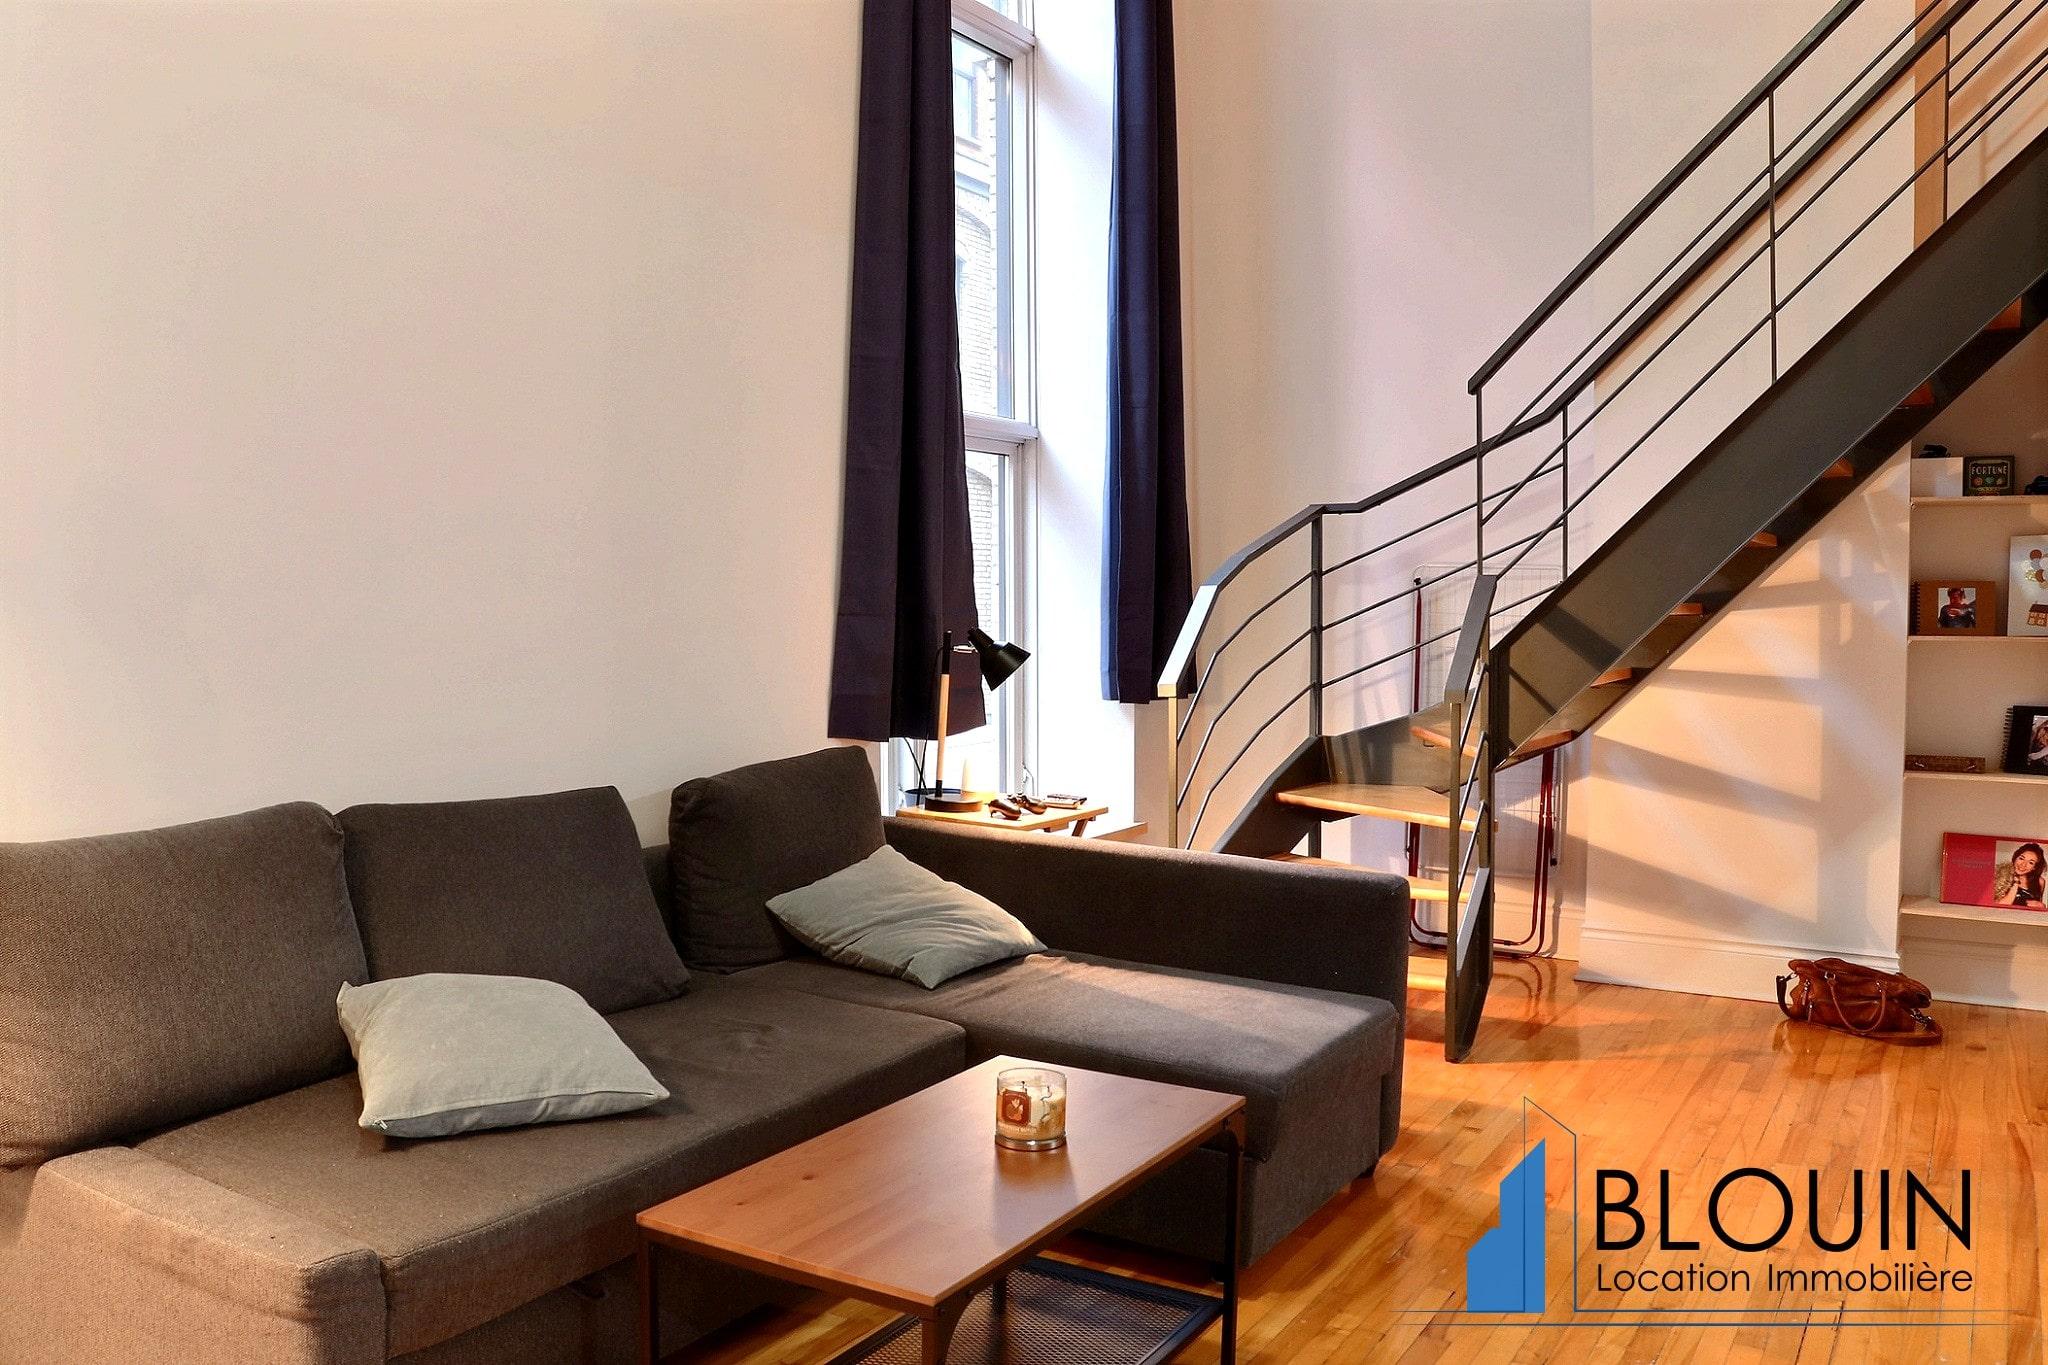 Photo 7 : Magnifique 3 ½ sur 2 étages, à St-Roch, libre pour Novembre, Semi-meublée